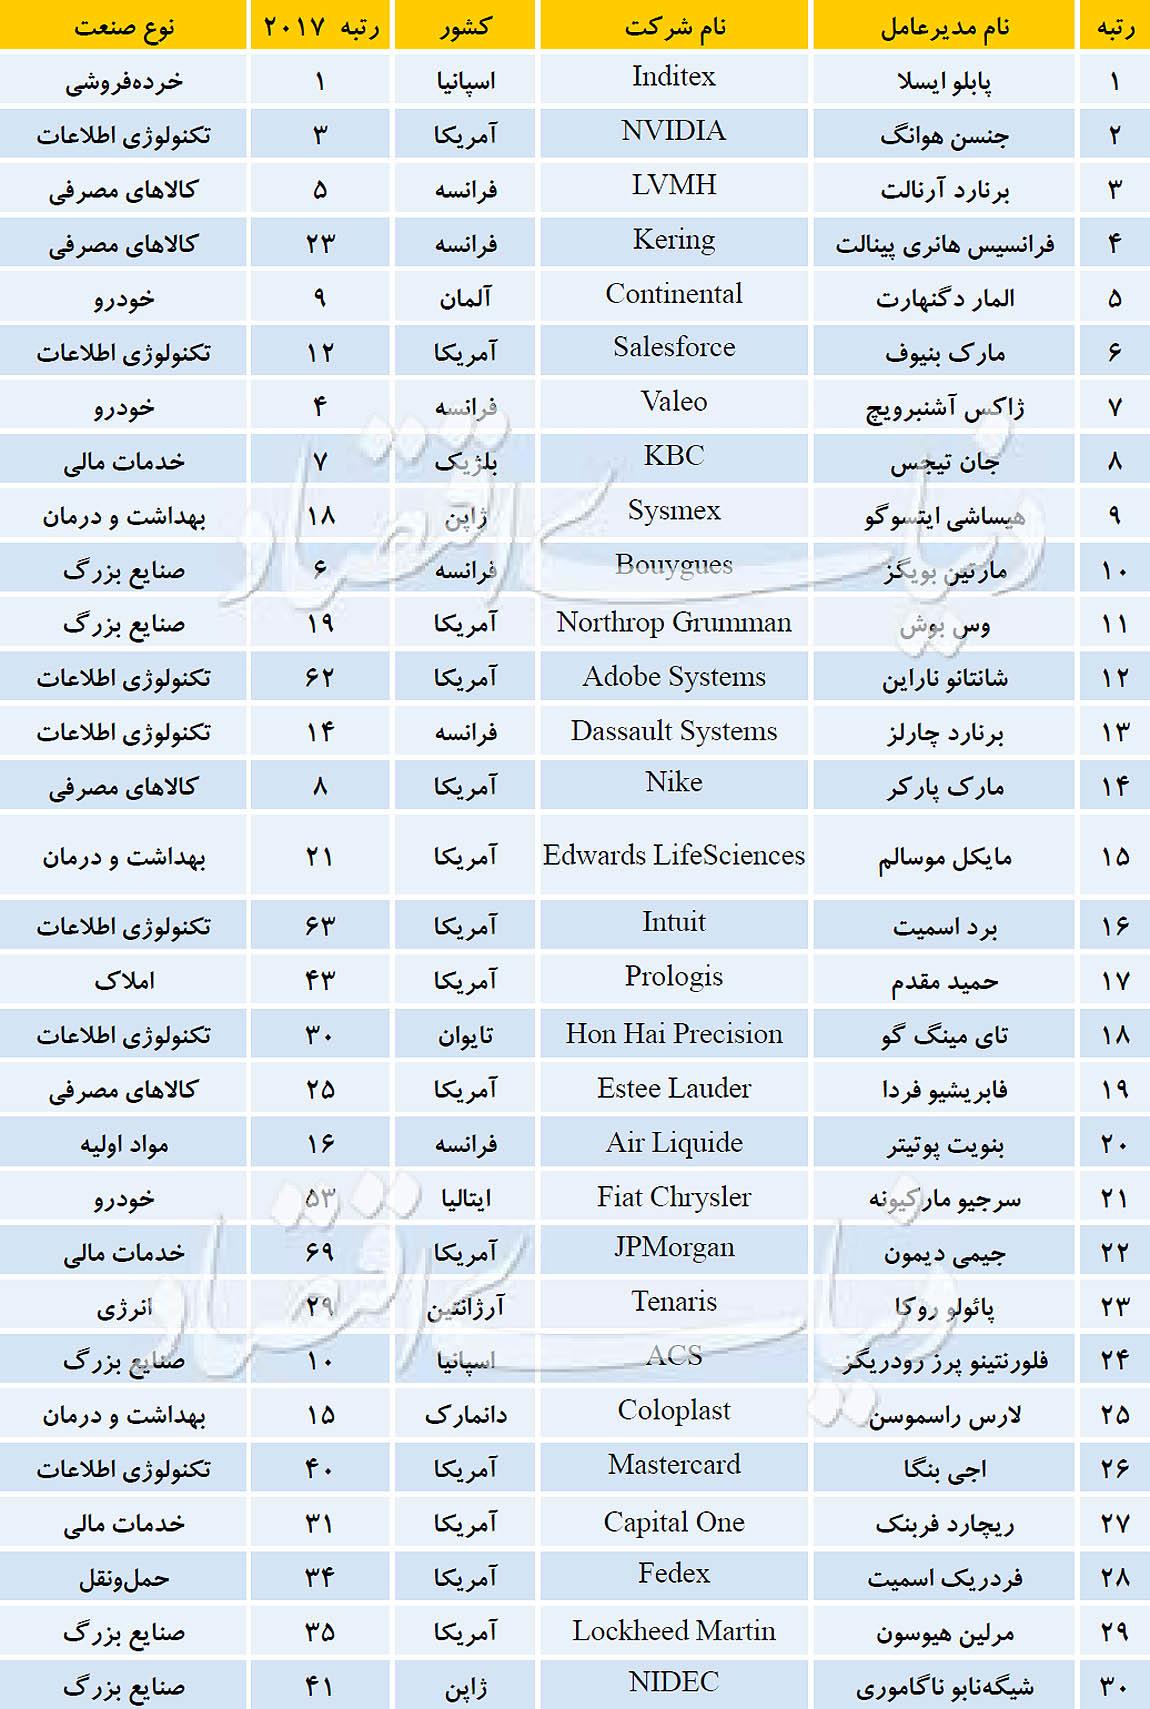 لیست مدیران برتر سال 2018